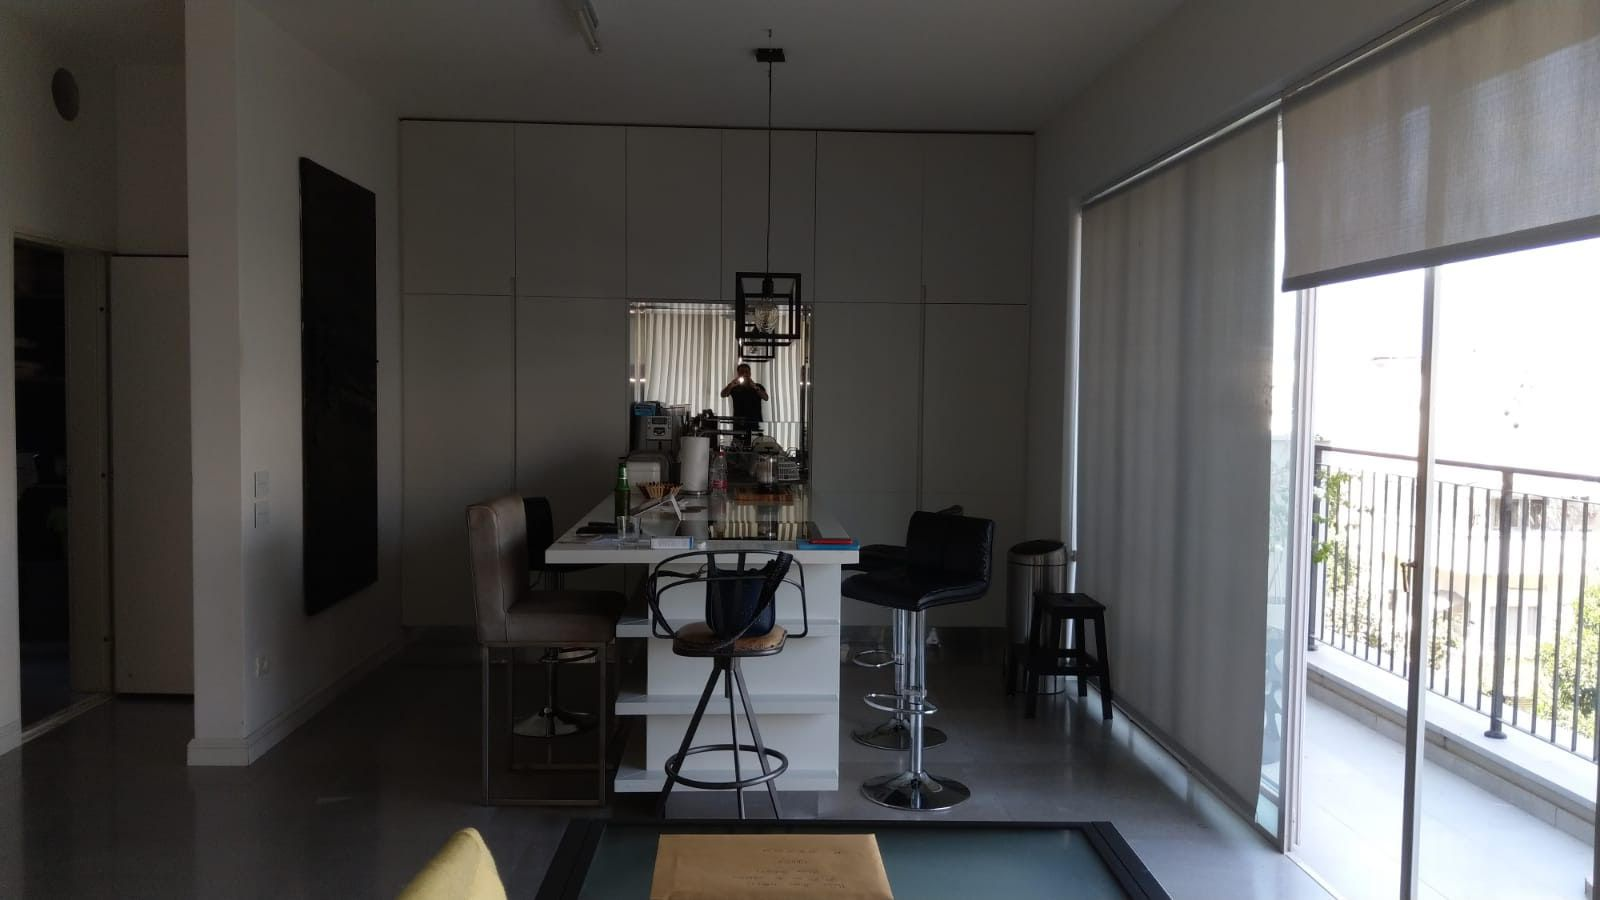 למכירה דירת 5 חדרים בבניין באוהאוס בלב העיר תל אביב